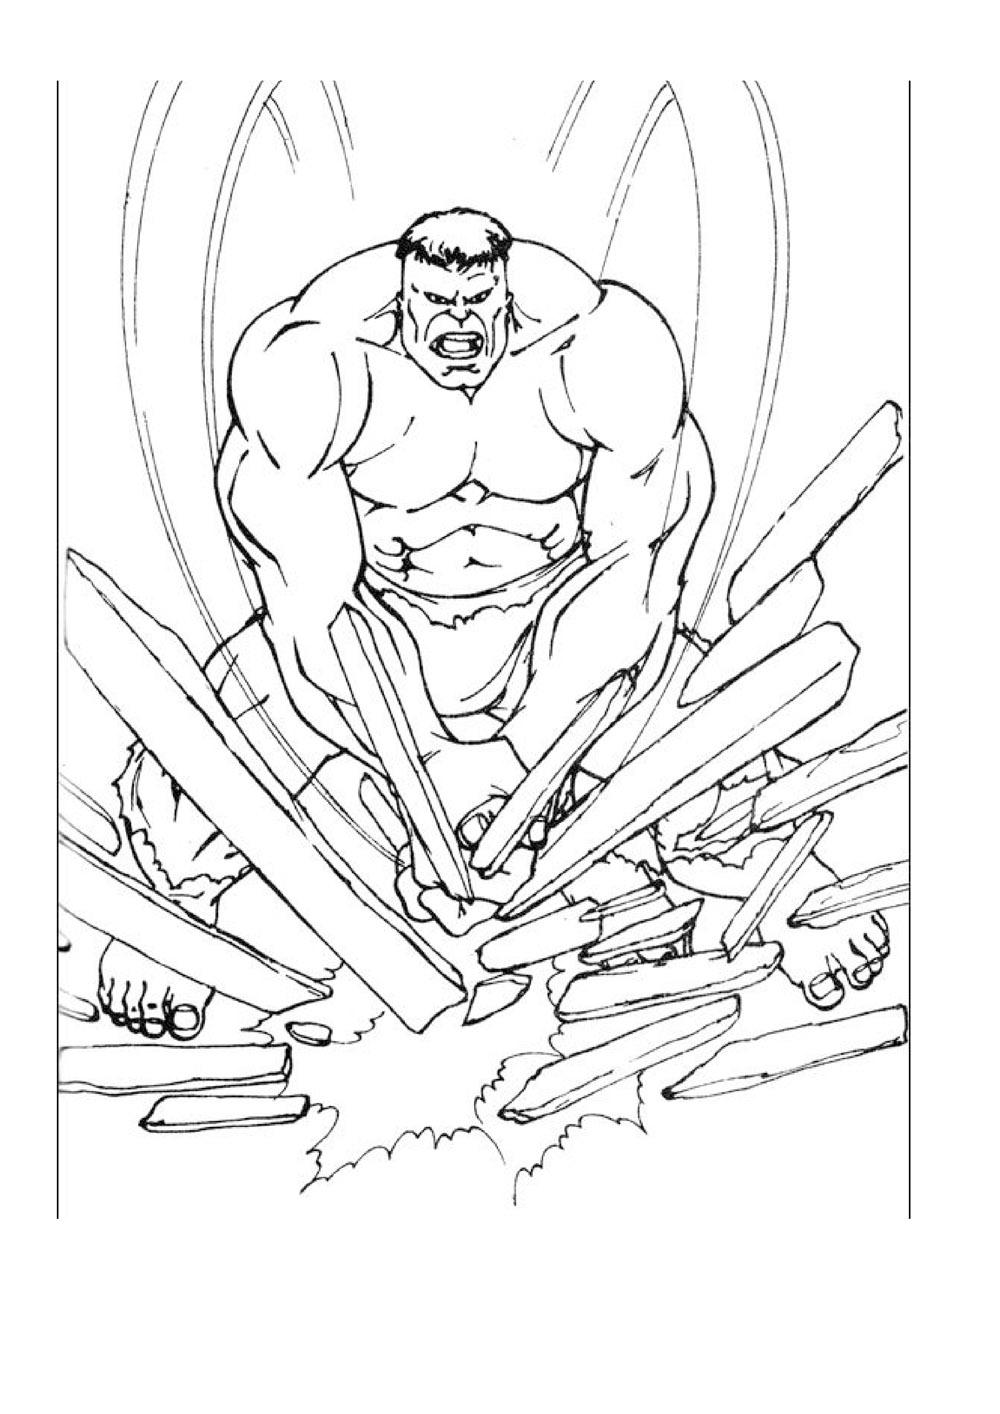 Nos Jeux De Coloriage Avengers À Imprimer Gratuit - Page destiné Coloriage Avengers A Imprimer